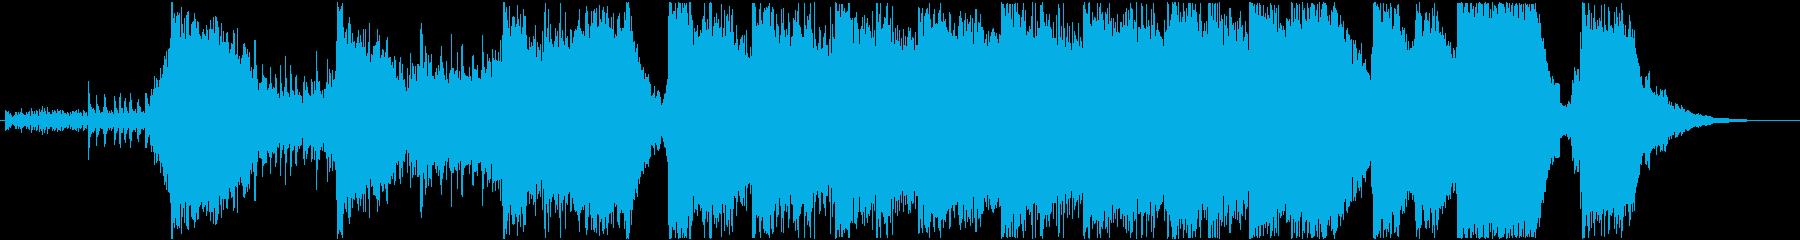 アクションハイブリッドトレイラー2の再生済みの波形